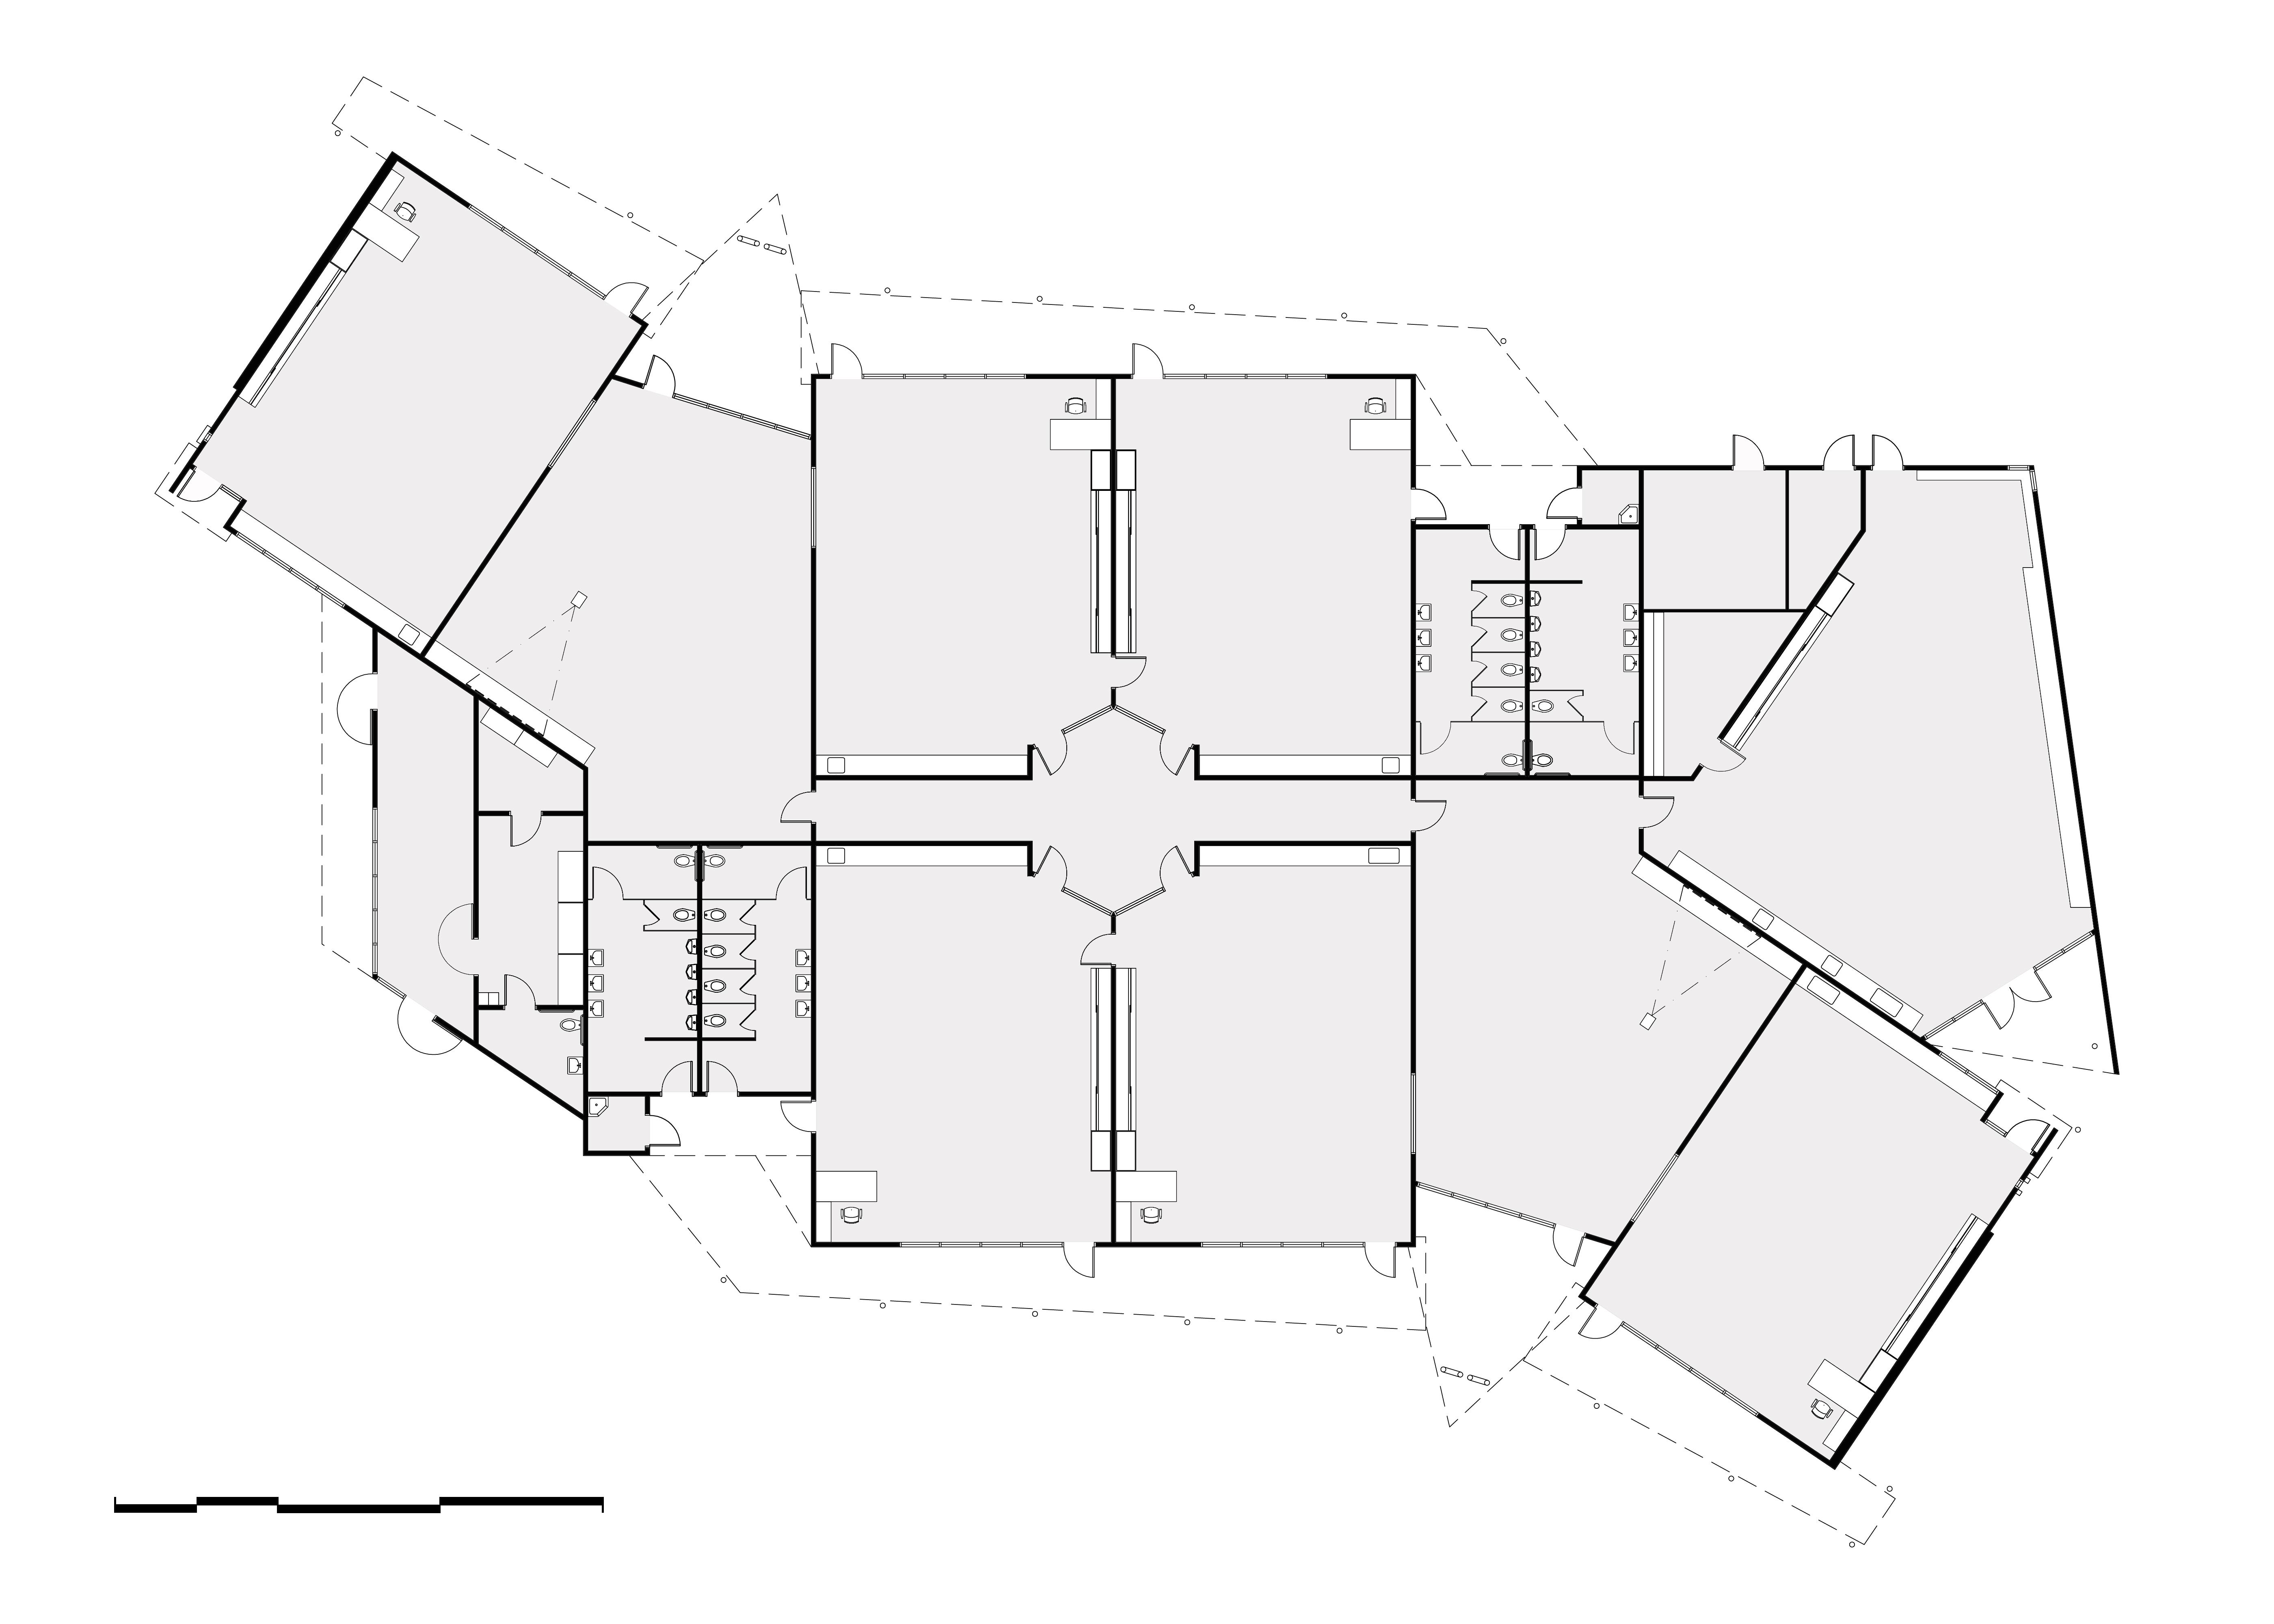 typical village floor plan